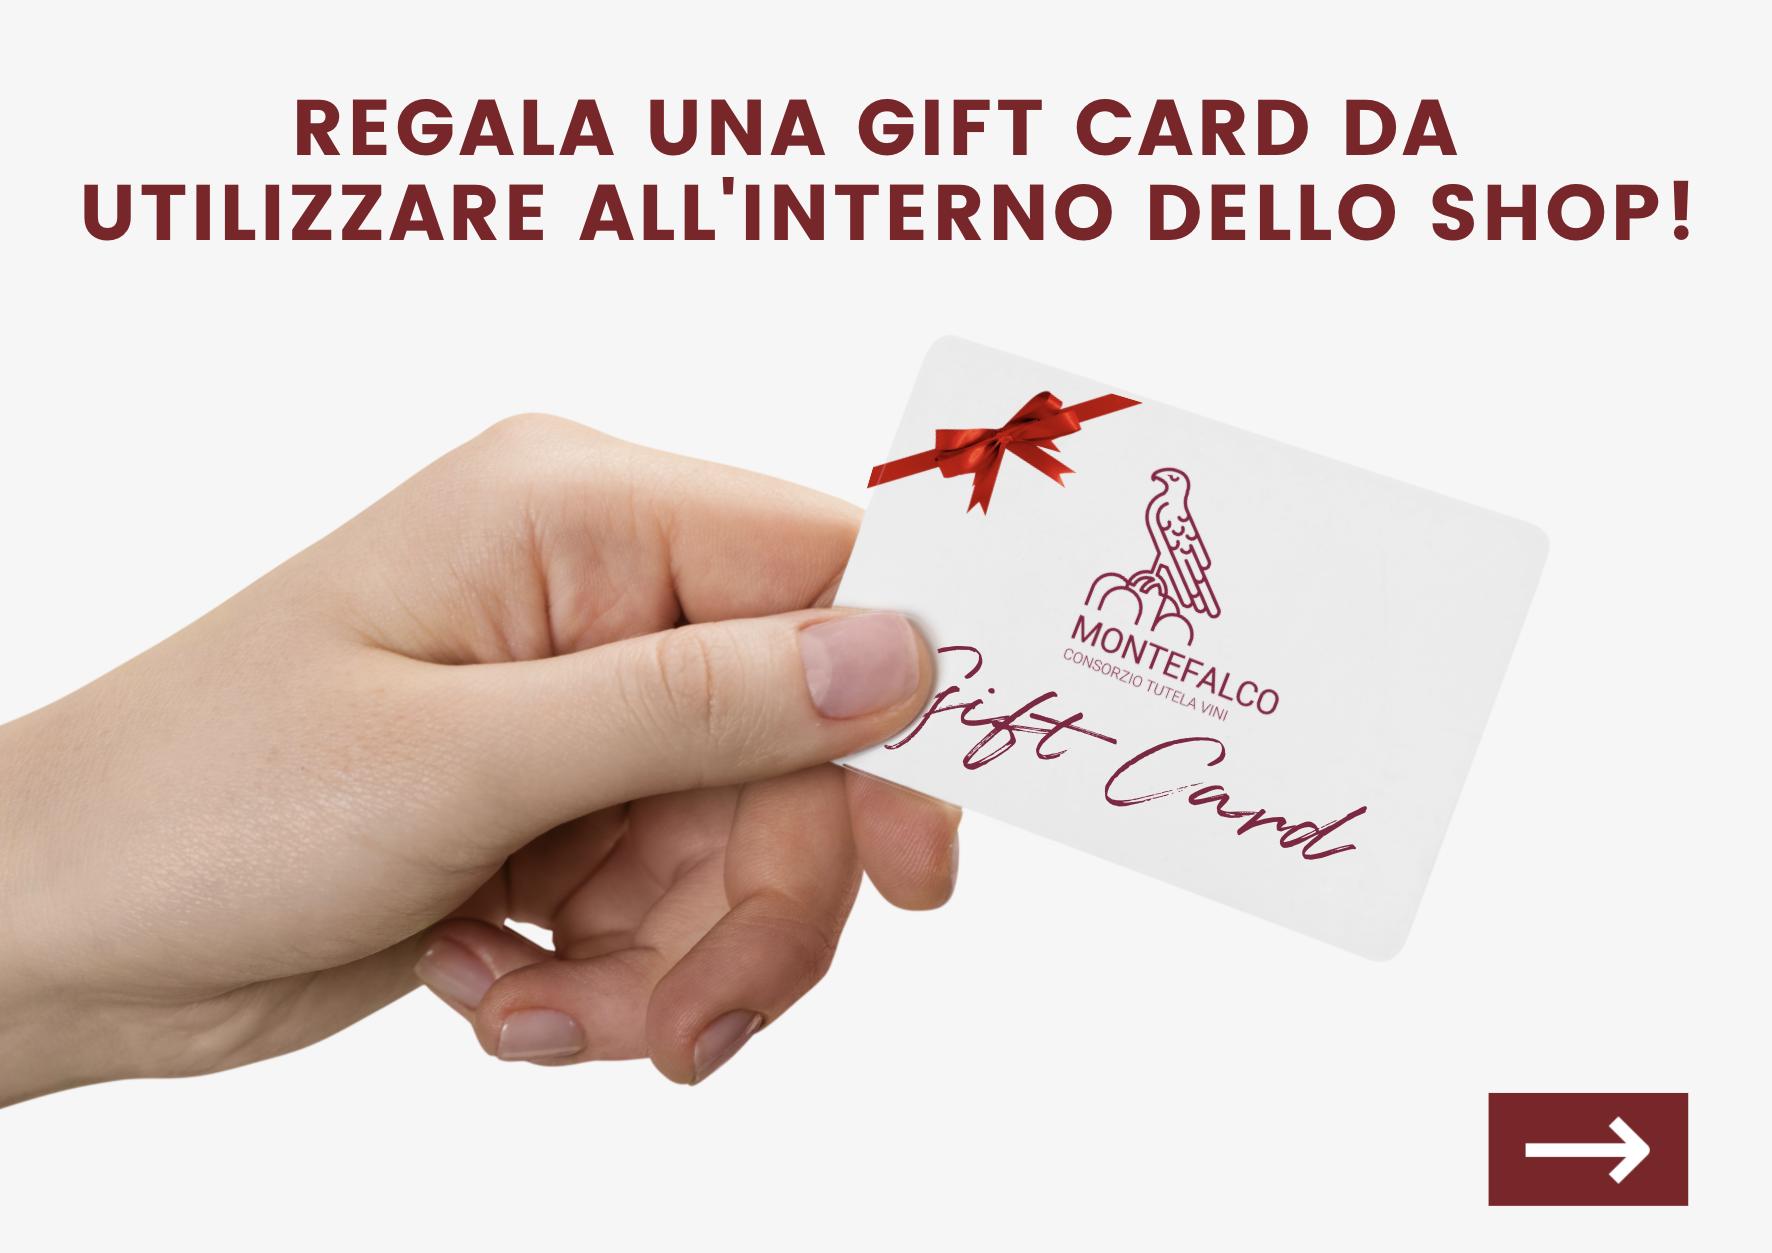 Regala una gift card - Shop Consorzio Tutela Vini Montefalco